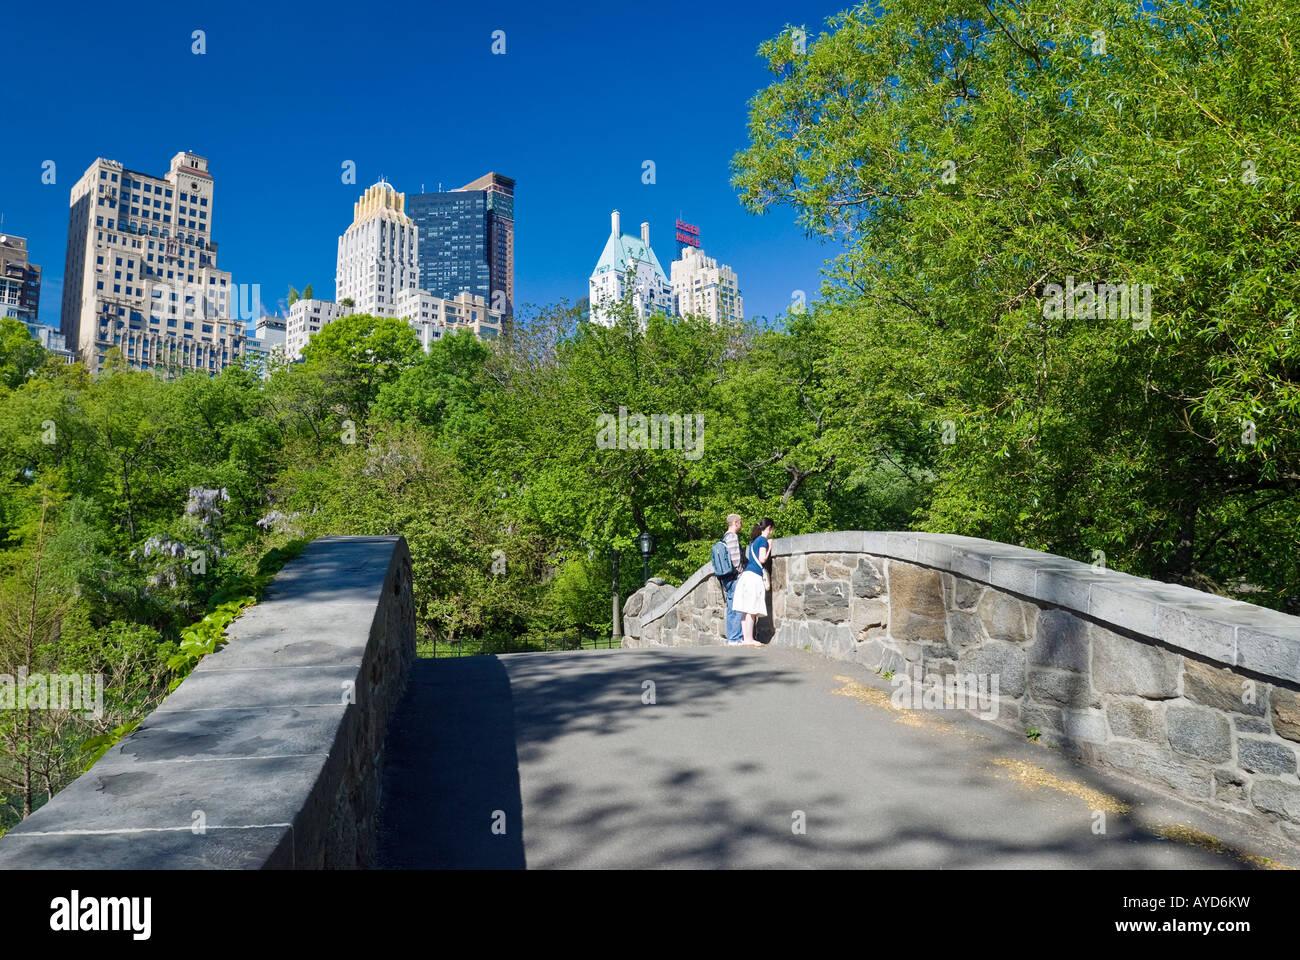 New York City, Central Park im Frühling auf Gapstow Brücke mit Blick auf die Skyline von Midtown Manhattan. Stockbild